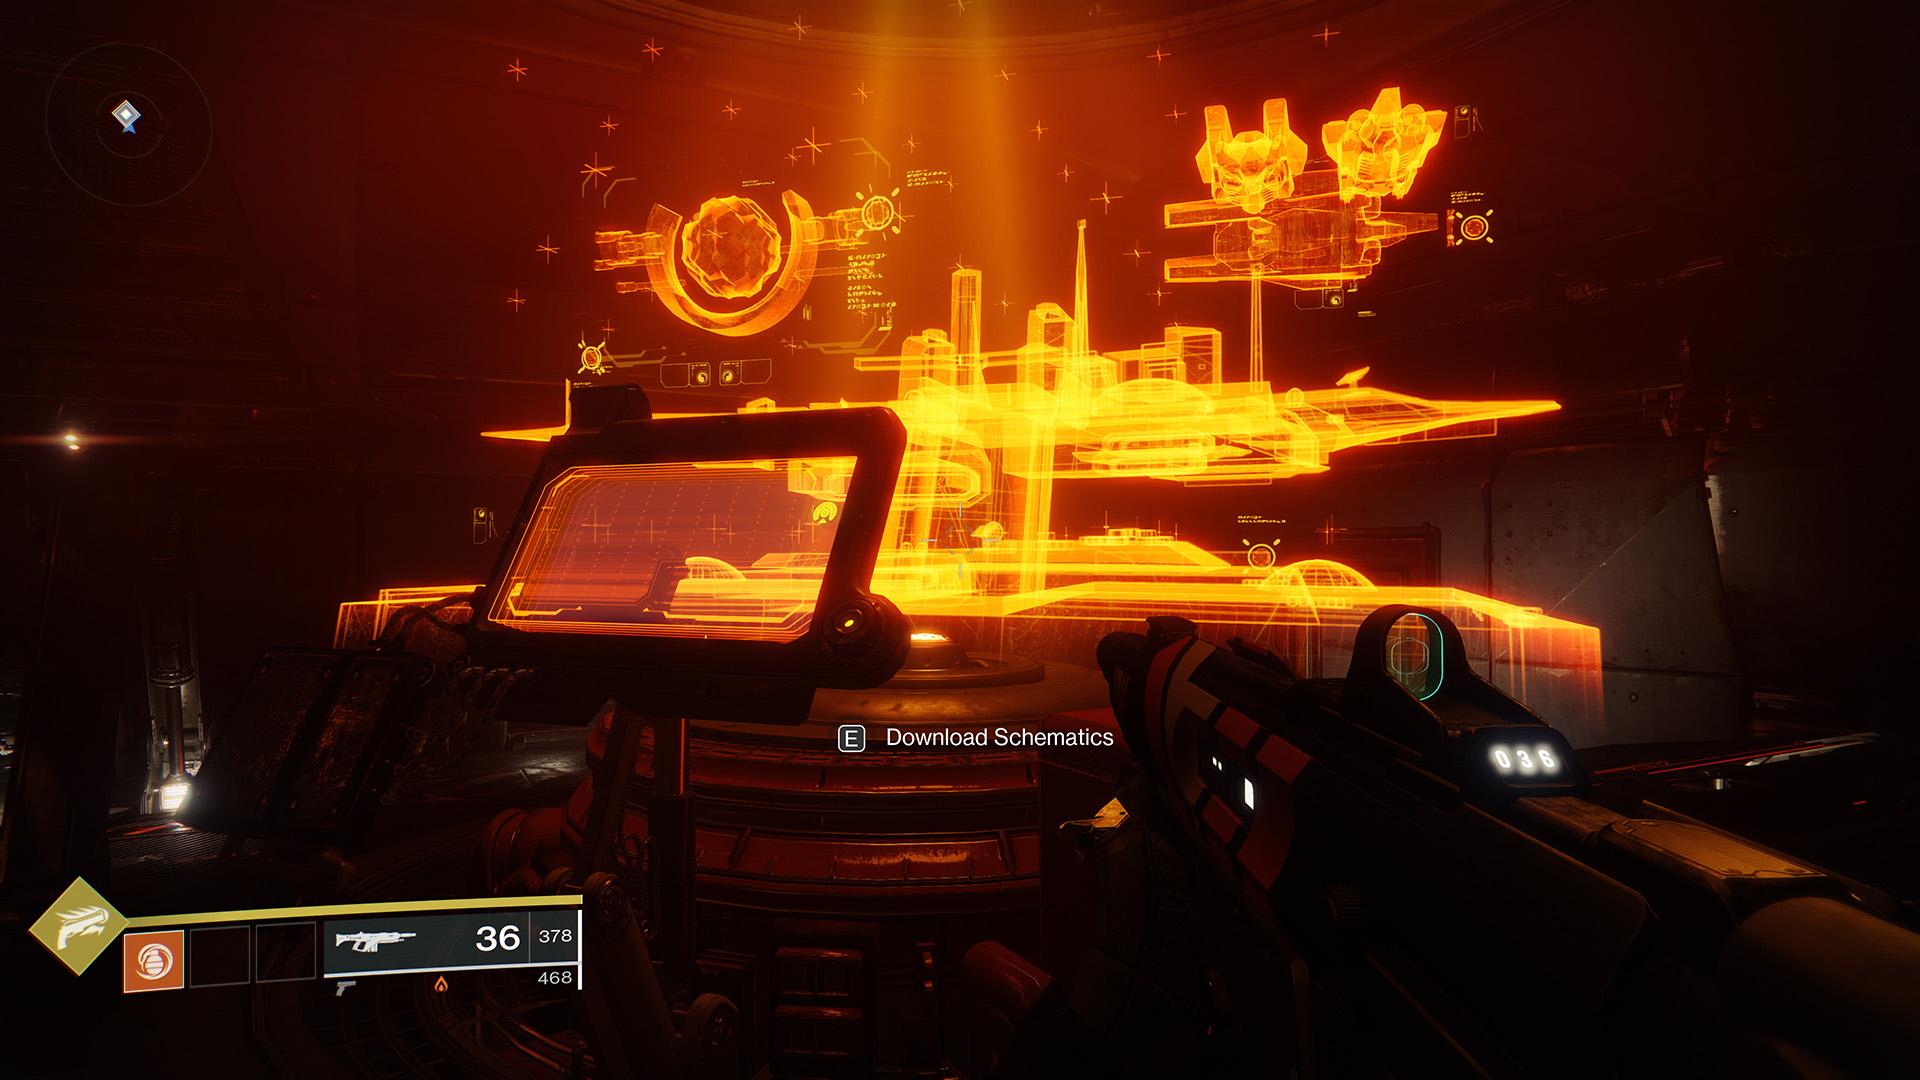 _0016_Destiny 2 Screenshot 2018.11.04 - 01.15.09.63.jpg